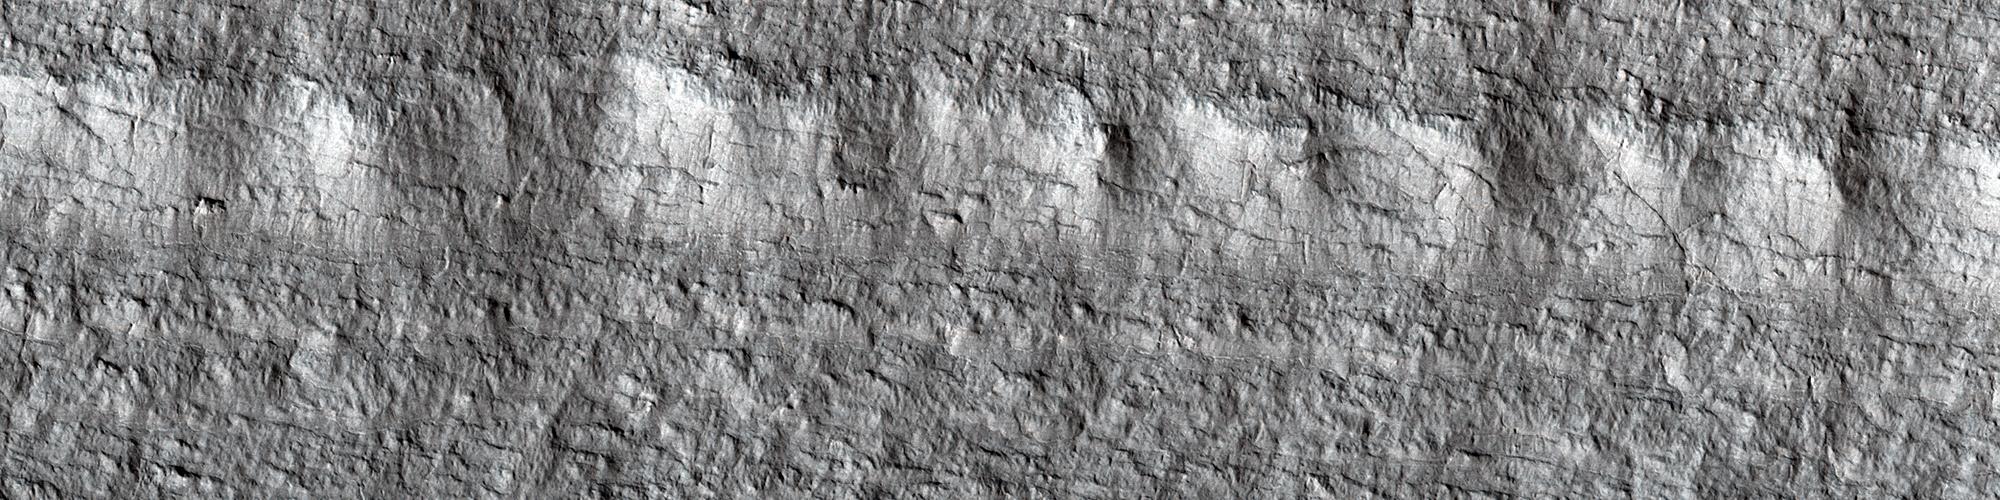 Gelaagd ijs nabij de zuidpool van Mars